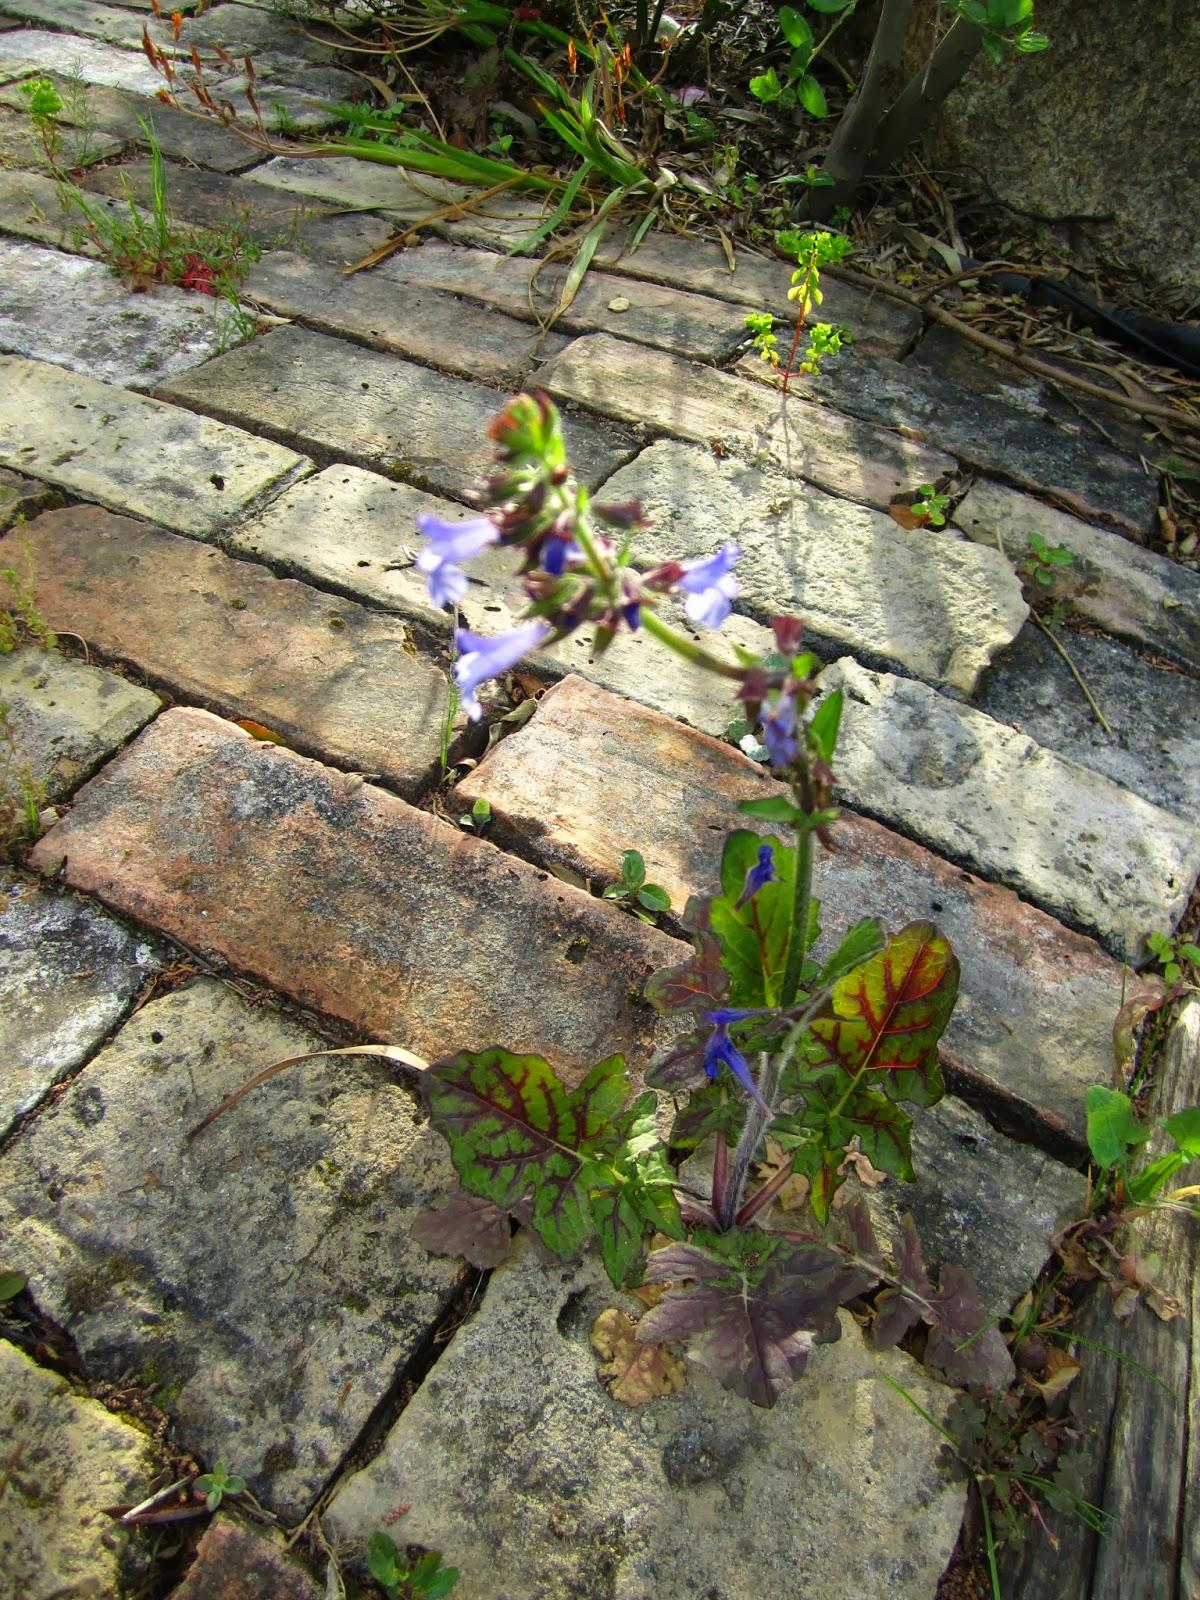 Tenacia: fiori tra le pietre - by Delia - Furighedda gardening